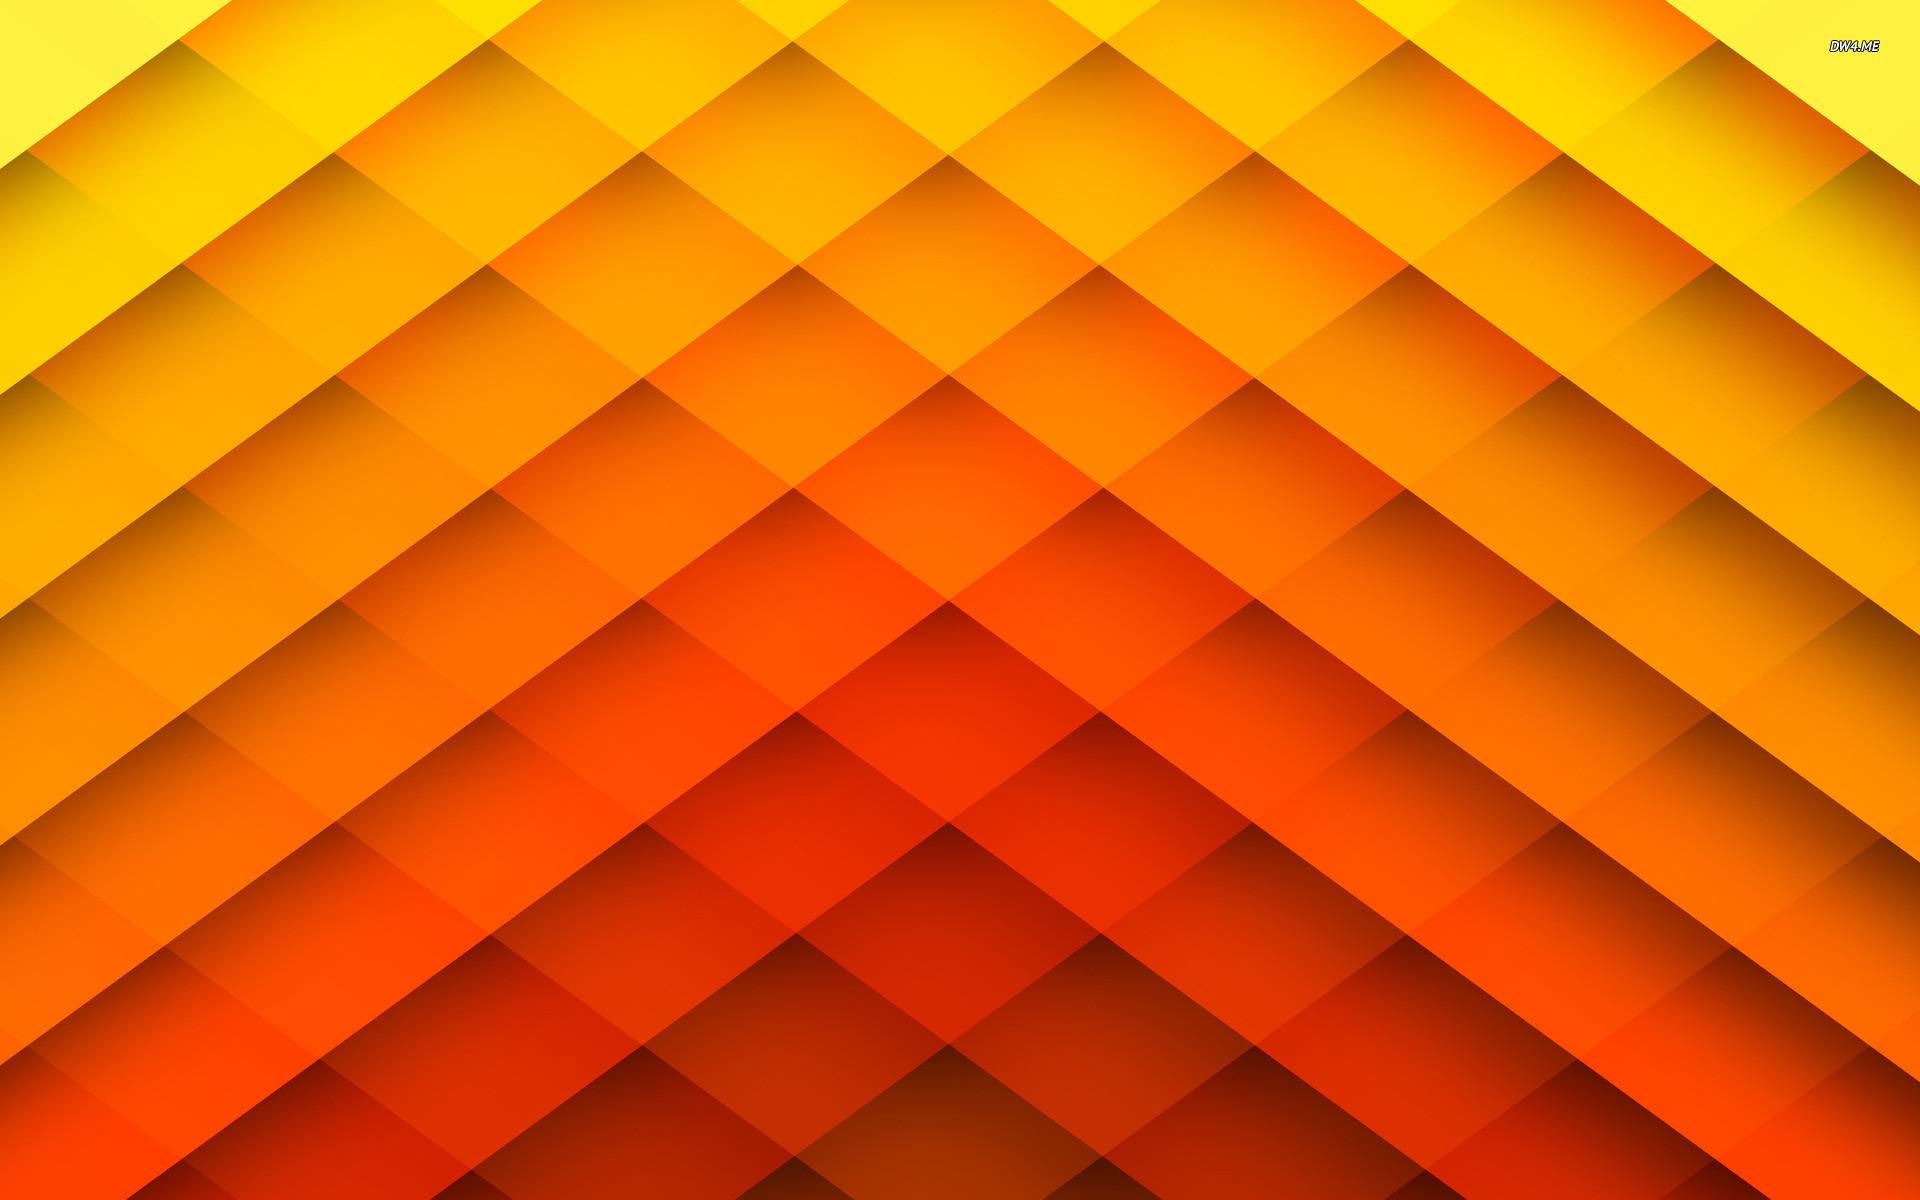 Fall Colors Wallpaper Background – WallpaperSafari